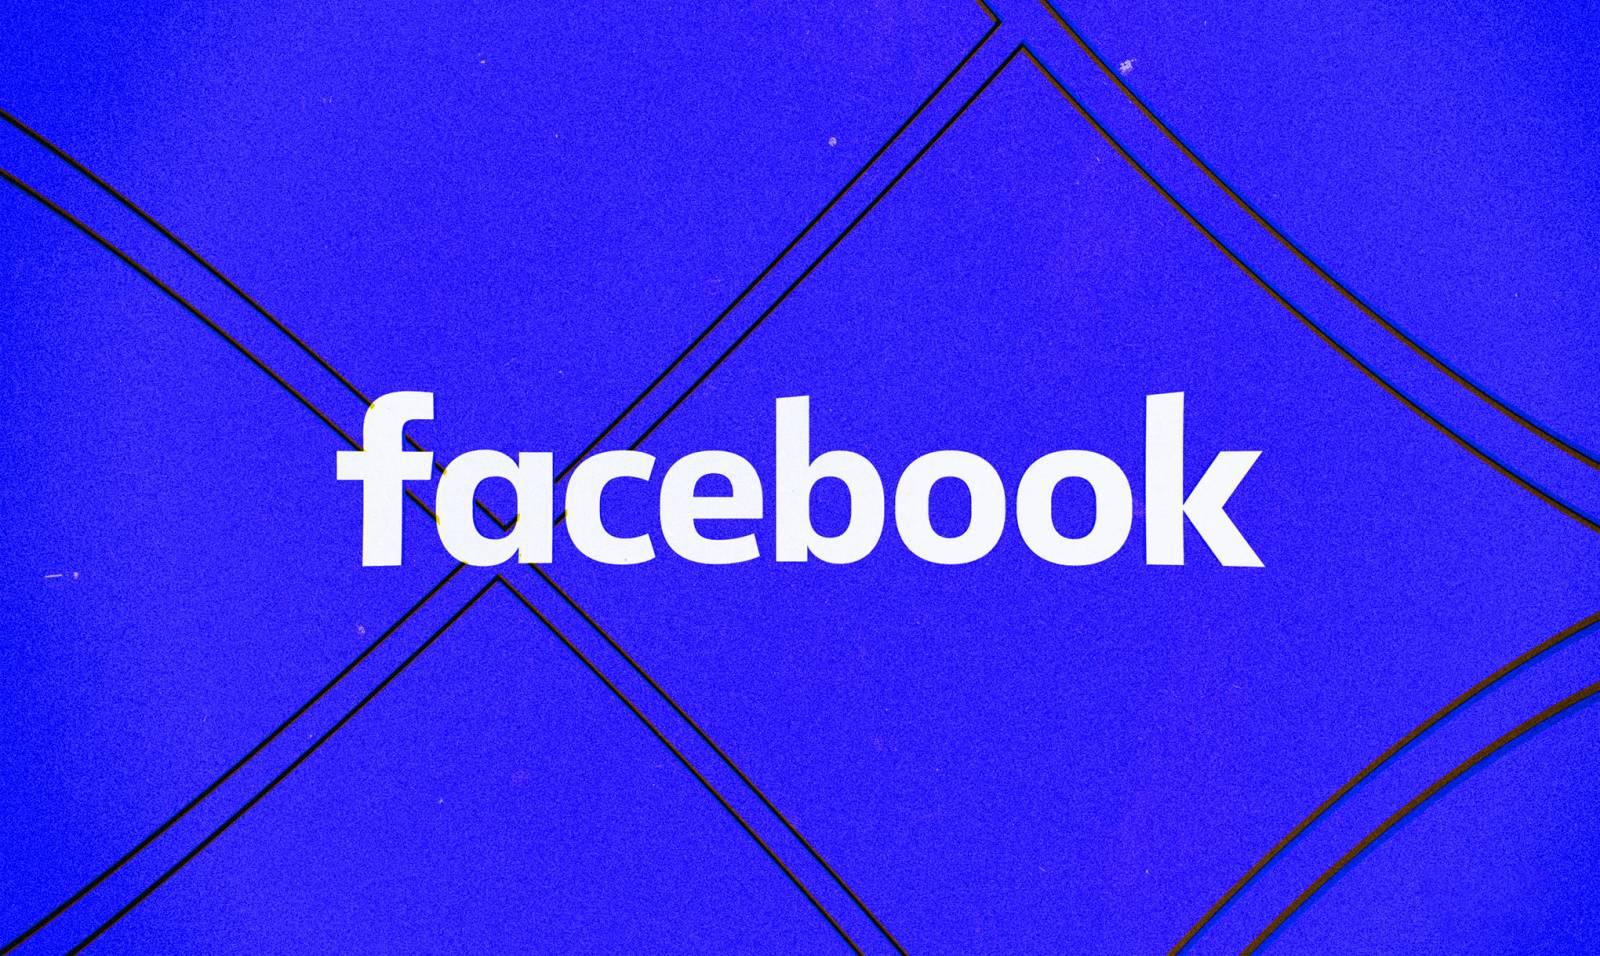 Facebook: INCREDIBIL, PROBLEMA GRAVA, ce face cu Telefoanele FARA sa STIM